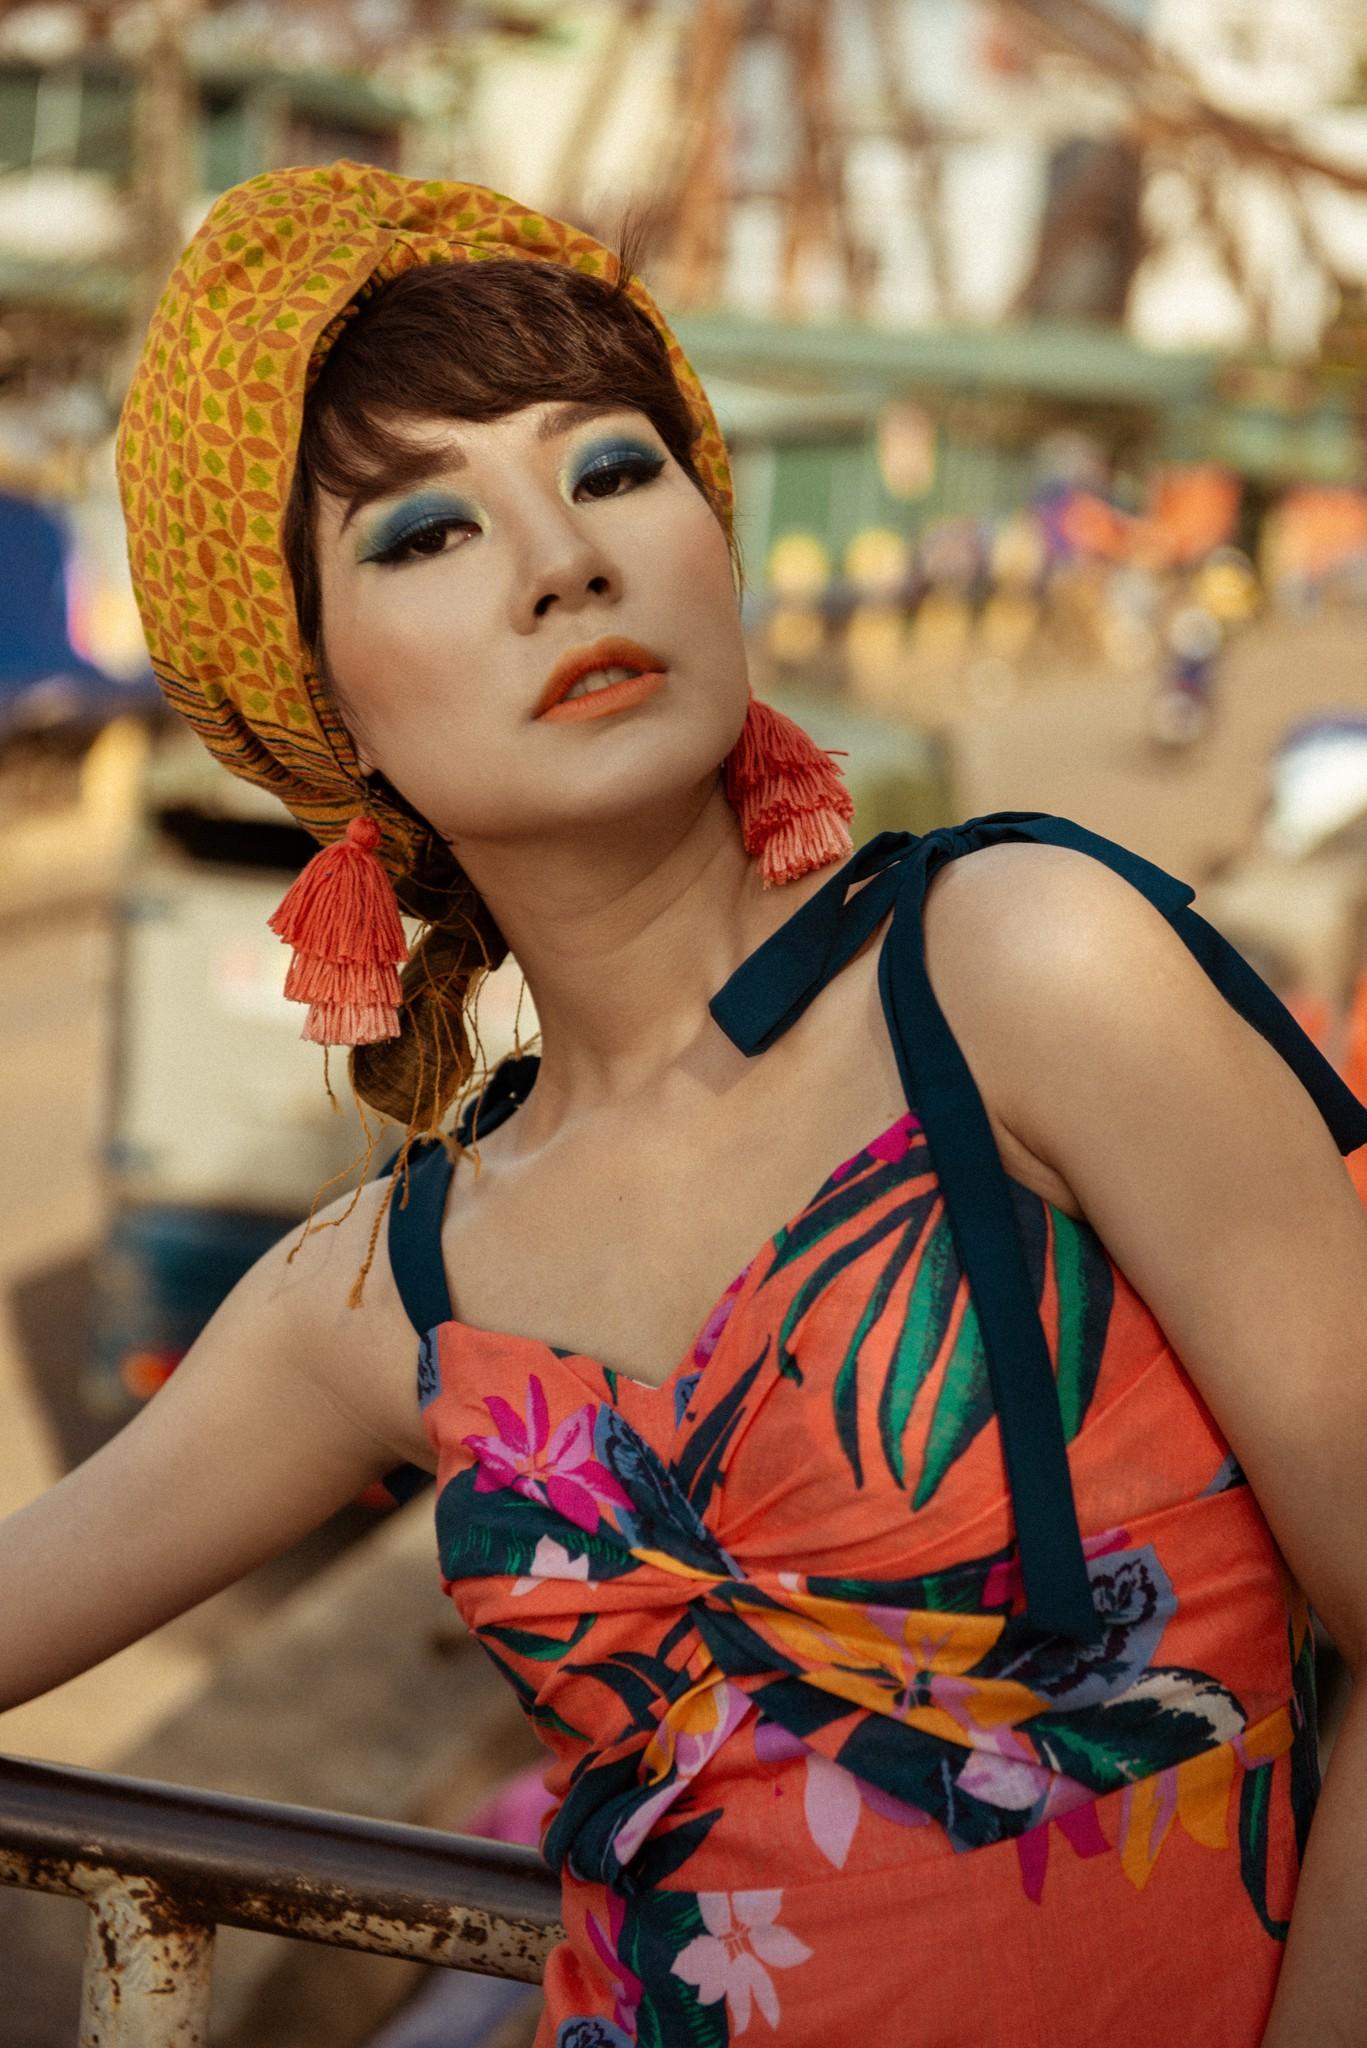 """Hoàng Kim Ngọc - Cô vợ gây sốt khi đánh ghen Thu Quỳnh ở """"Về nhà đi con"""" chẳng những giàu mà còn sang chảnh thế này - Ảnh 5."""